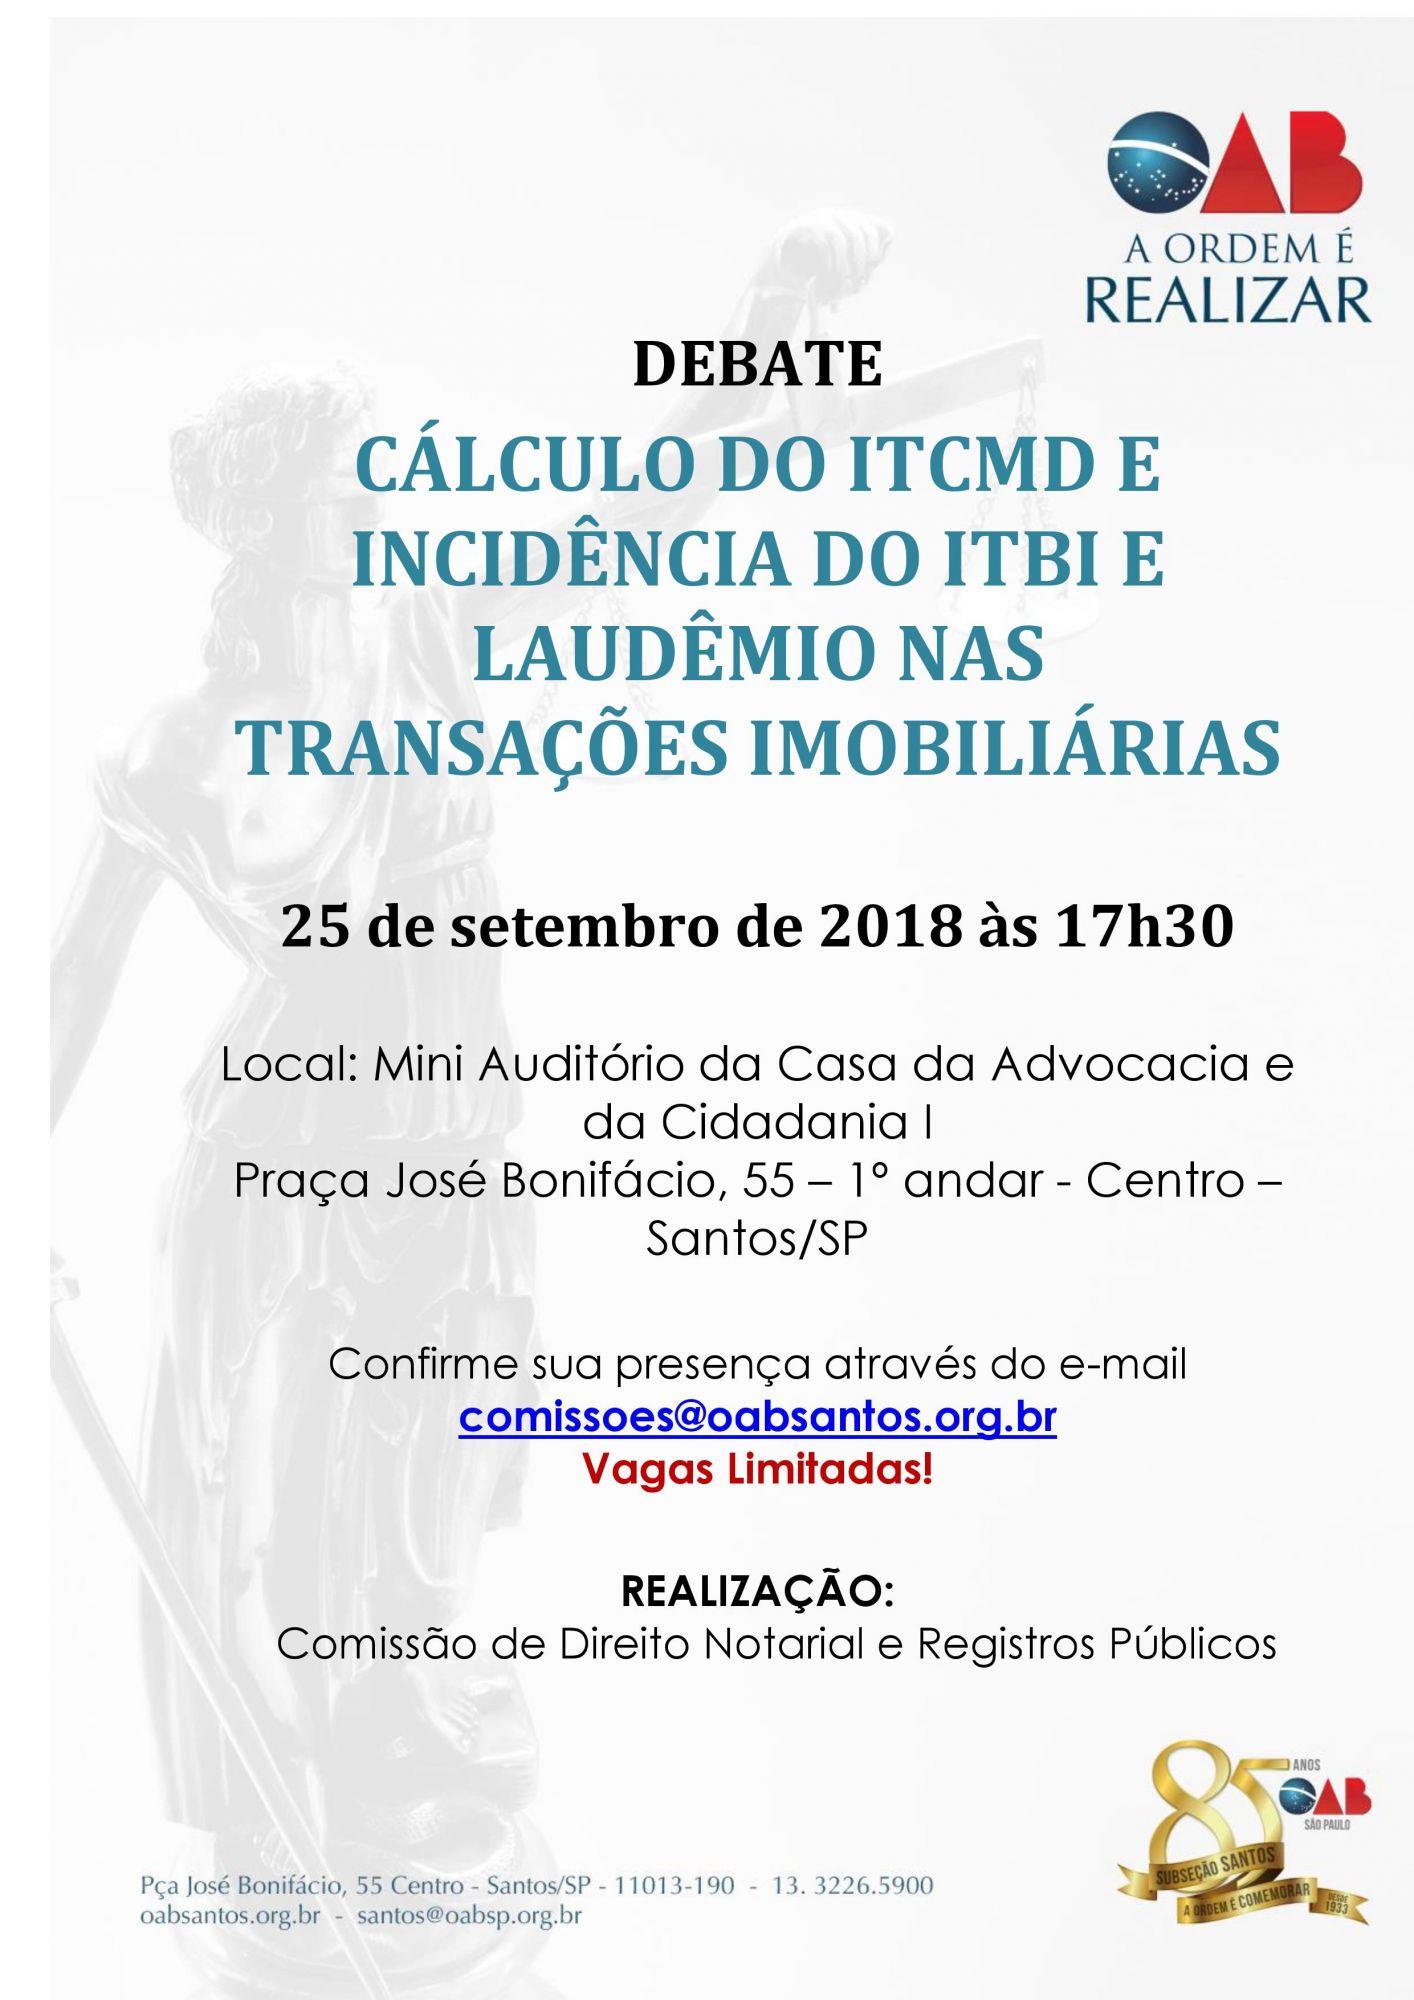 Debates sobre Cálculo do ITCM e incidência do ITBI e laudêmio nas transações imobiliárias